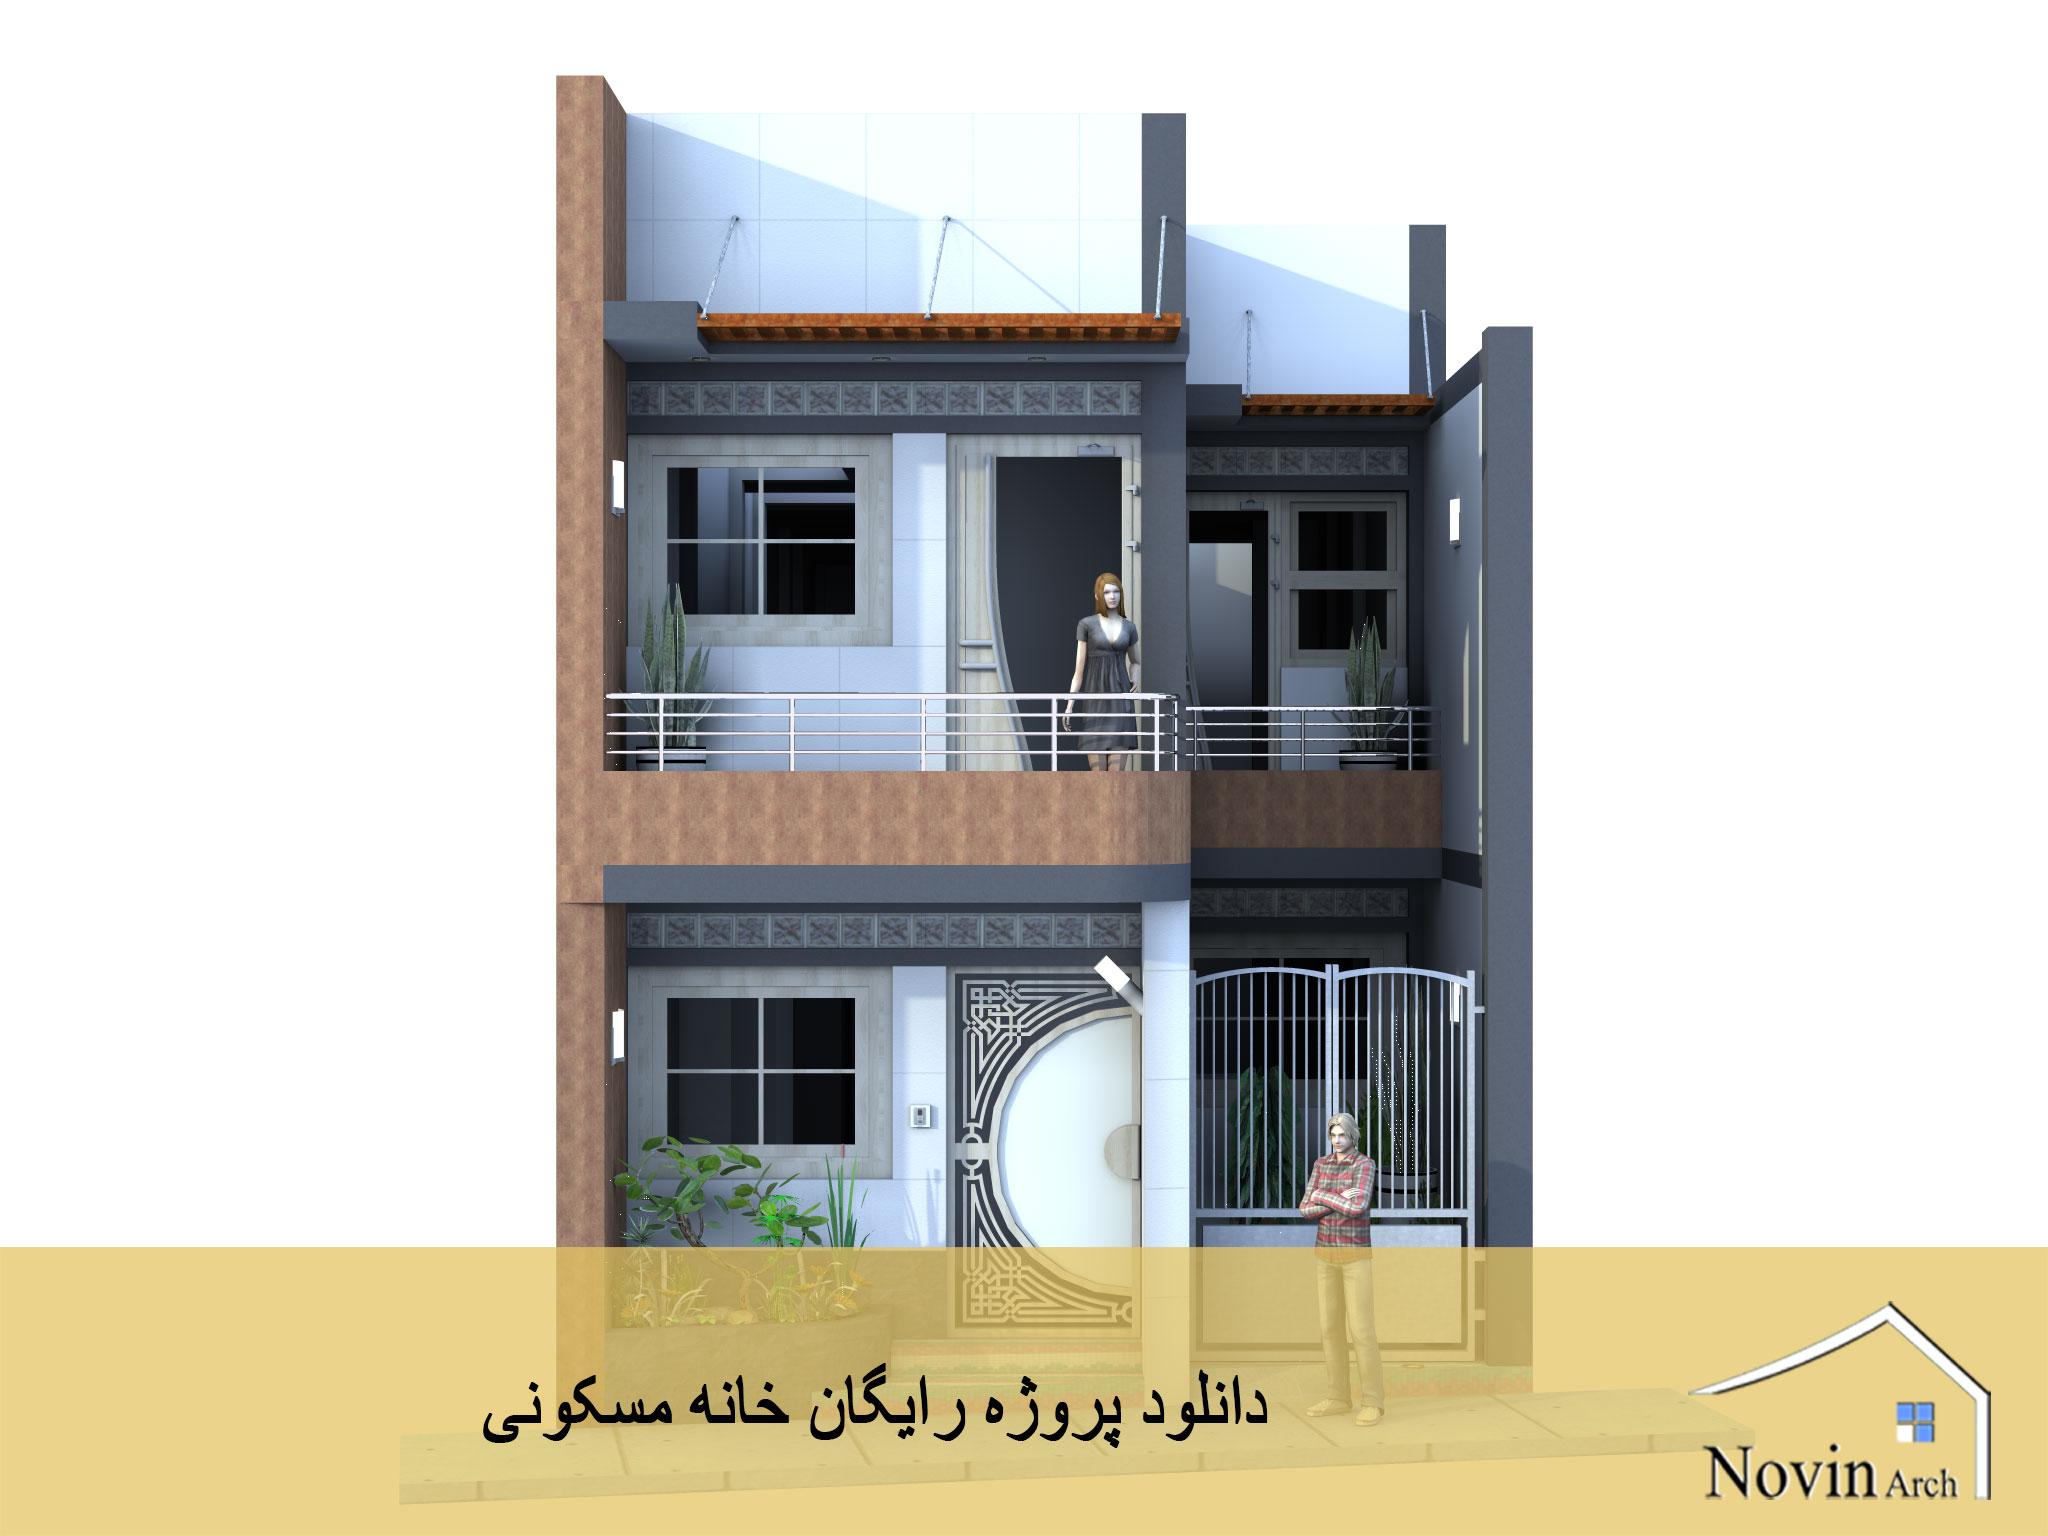 دانلود پروژه رایگان خانه مسکونی